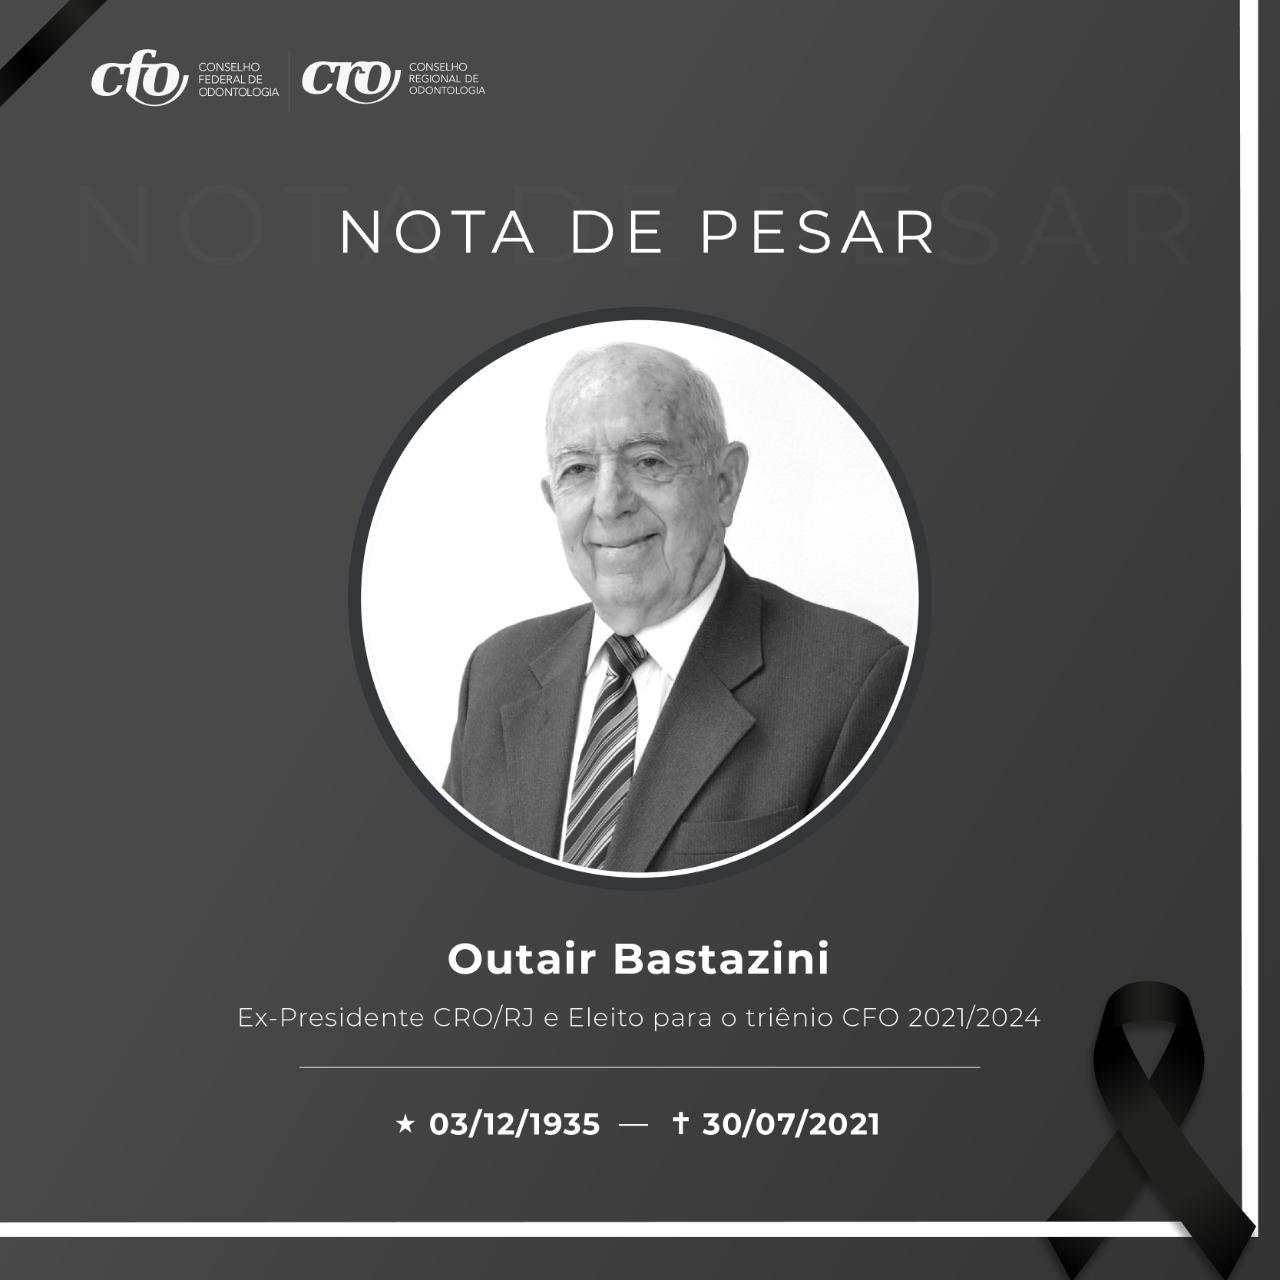 Nota de pesar - Outair Bastazini